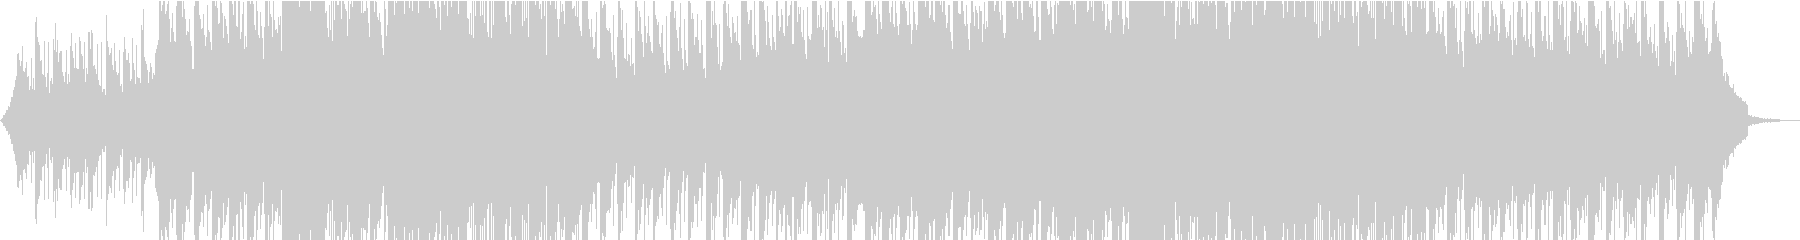 エモーショナル・トロピカルなコーポレートの未再生の波形